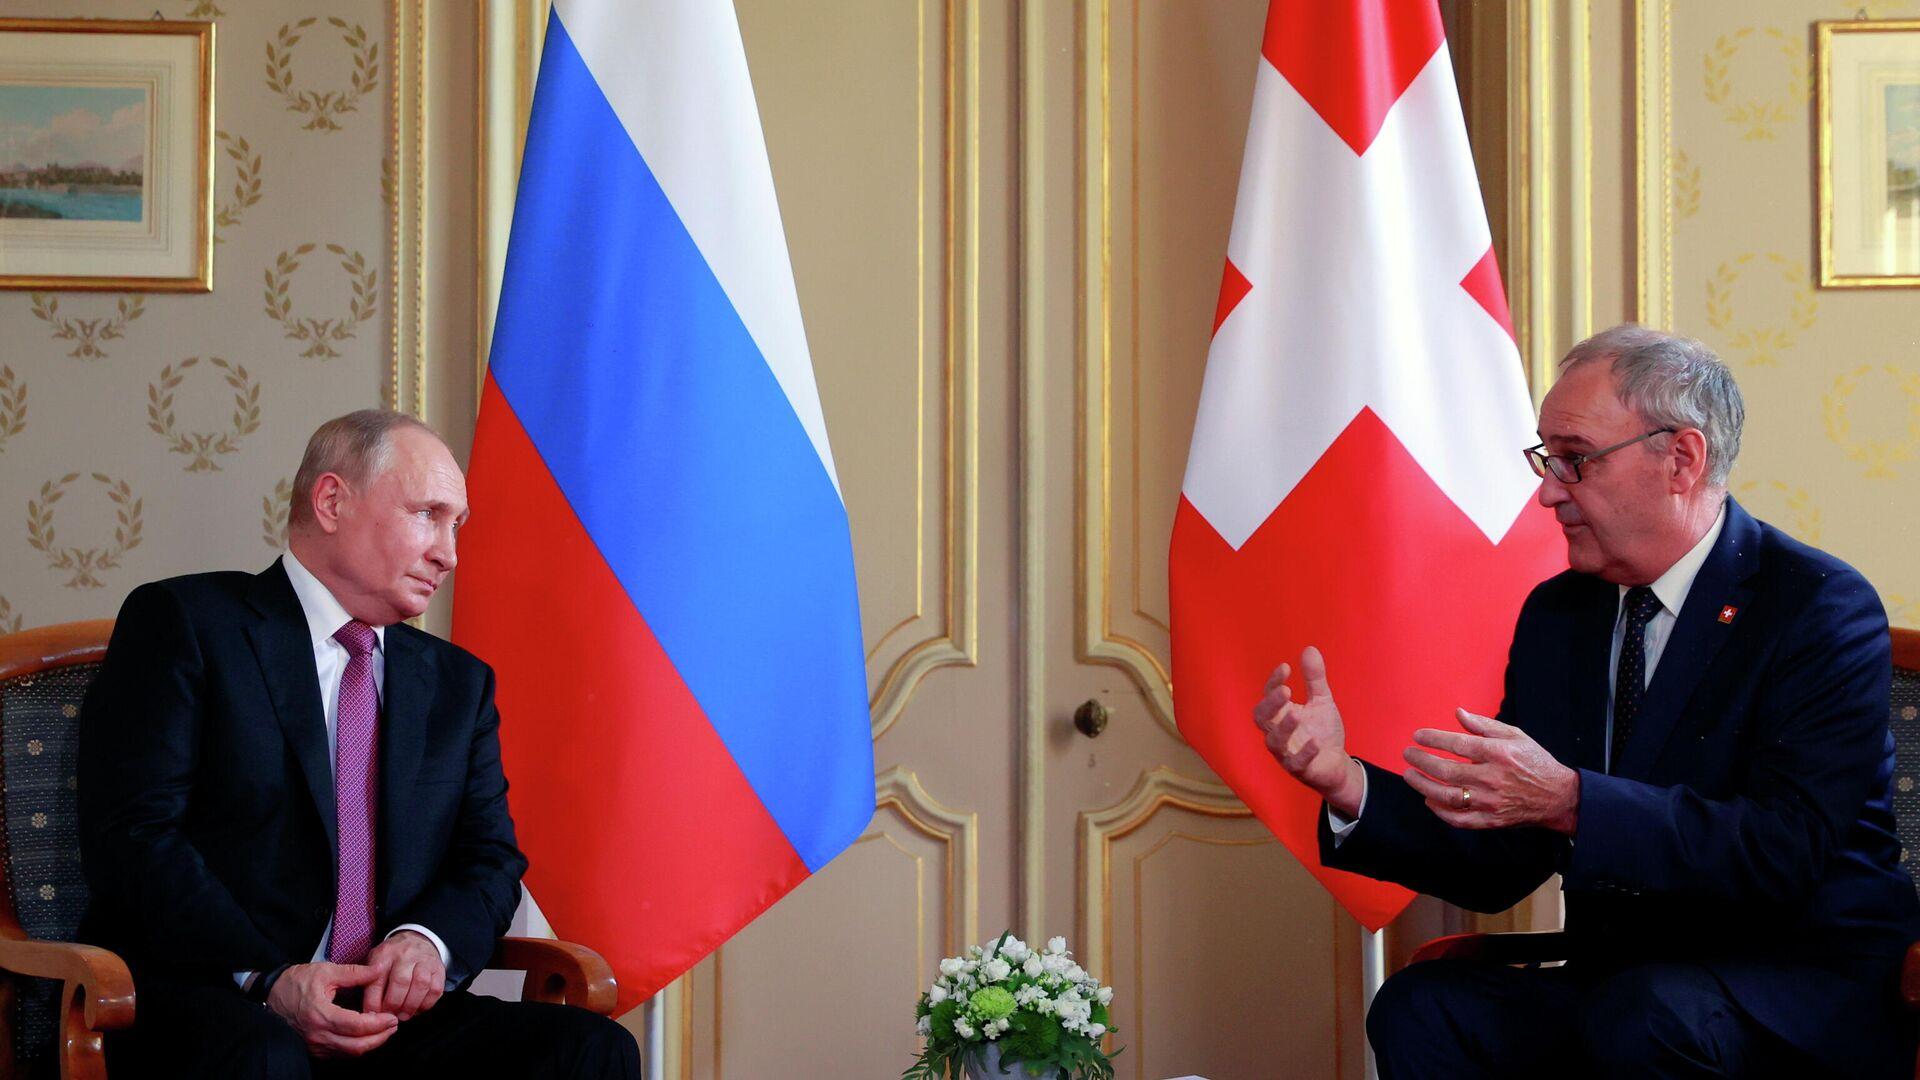 Reunión del presidente de Rusia, Vladímir Putin, y el presidente de Suiza, Guy Parmelin - Sputnik Mundo, 1920, 16.06.2021